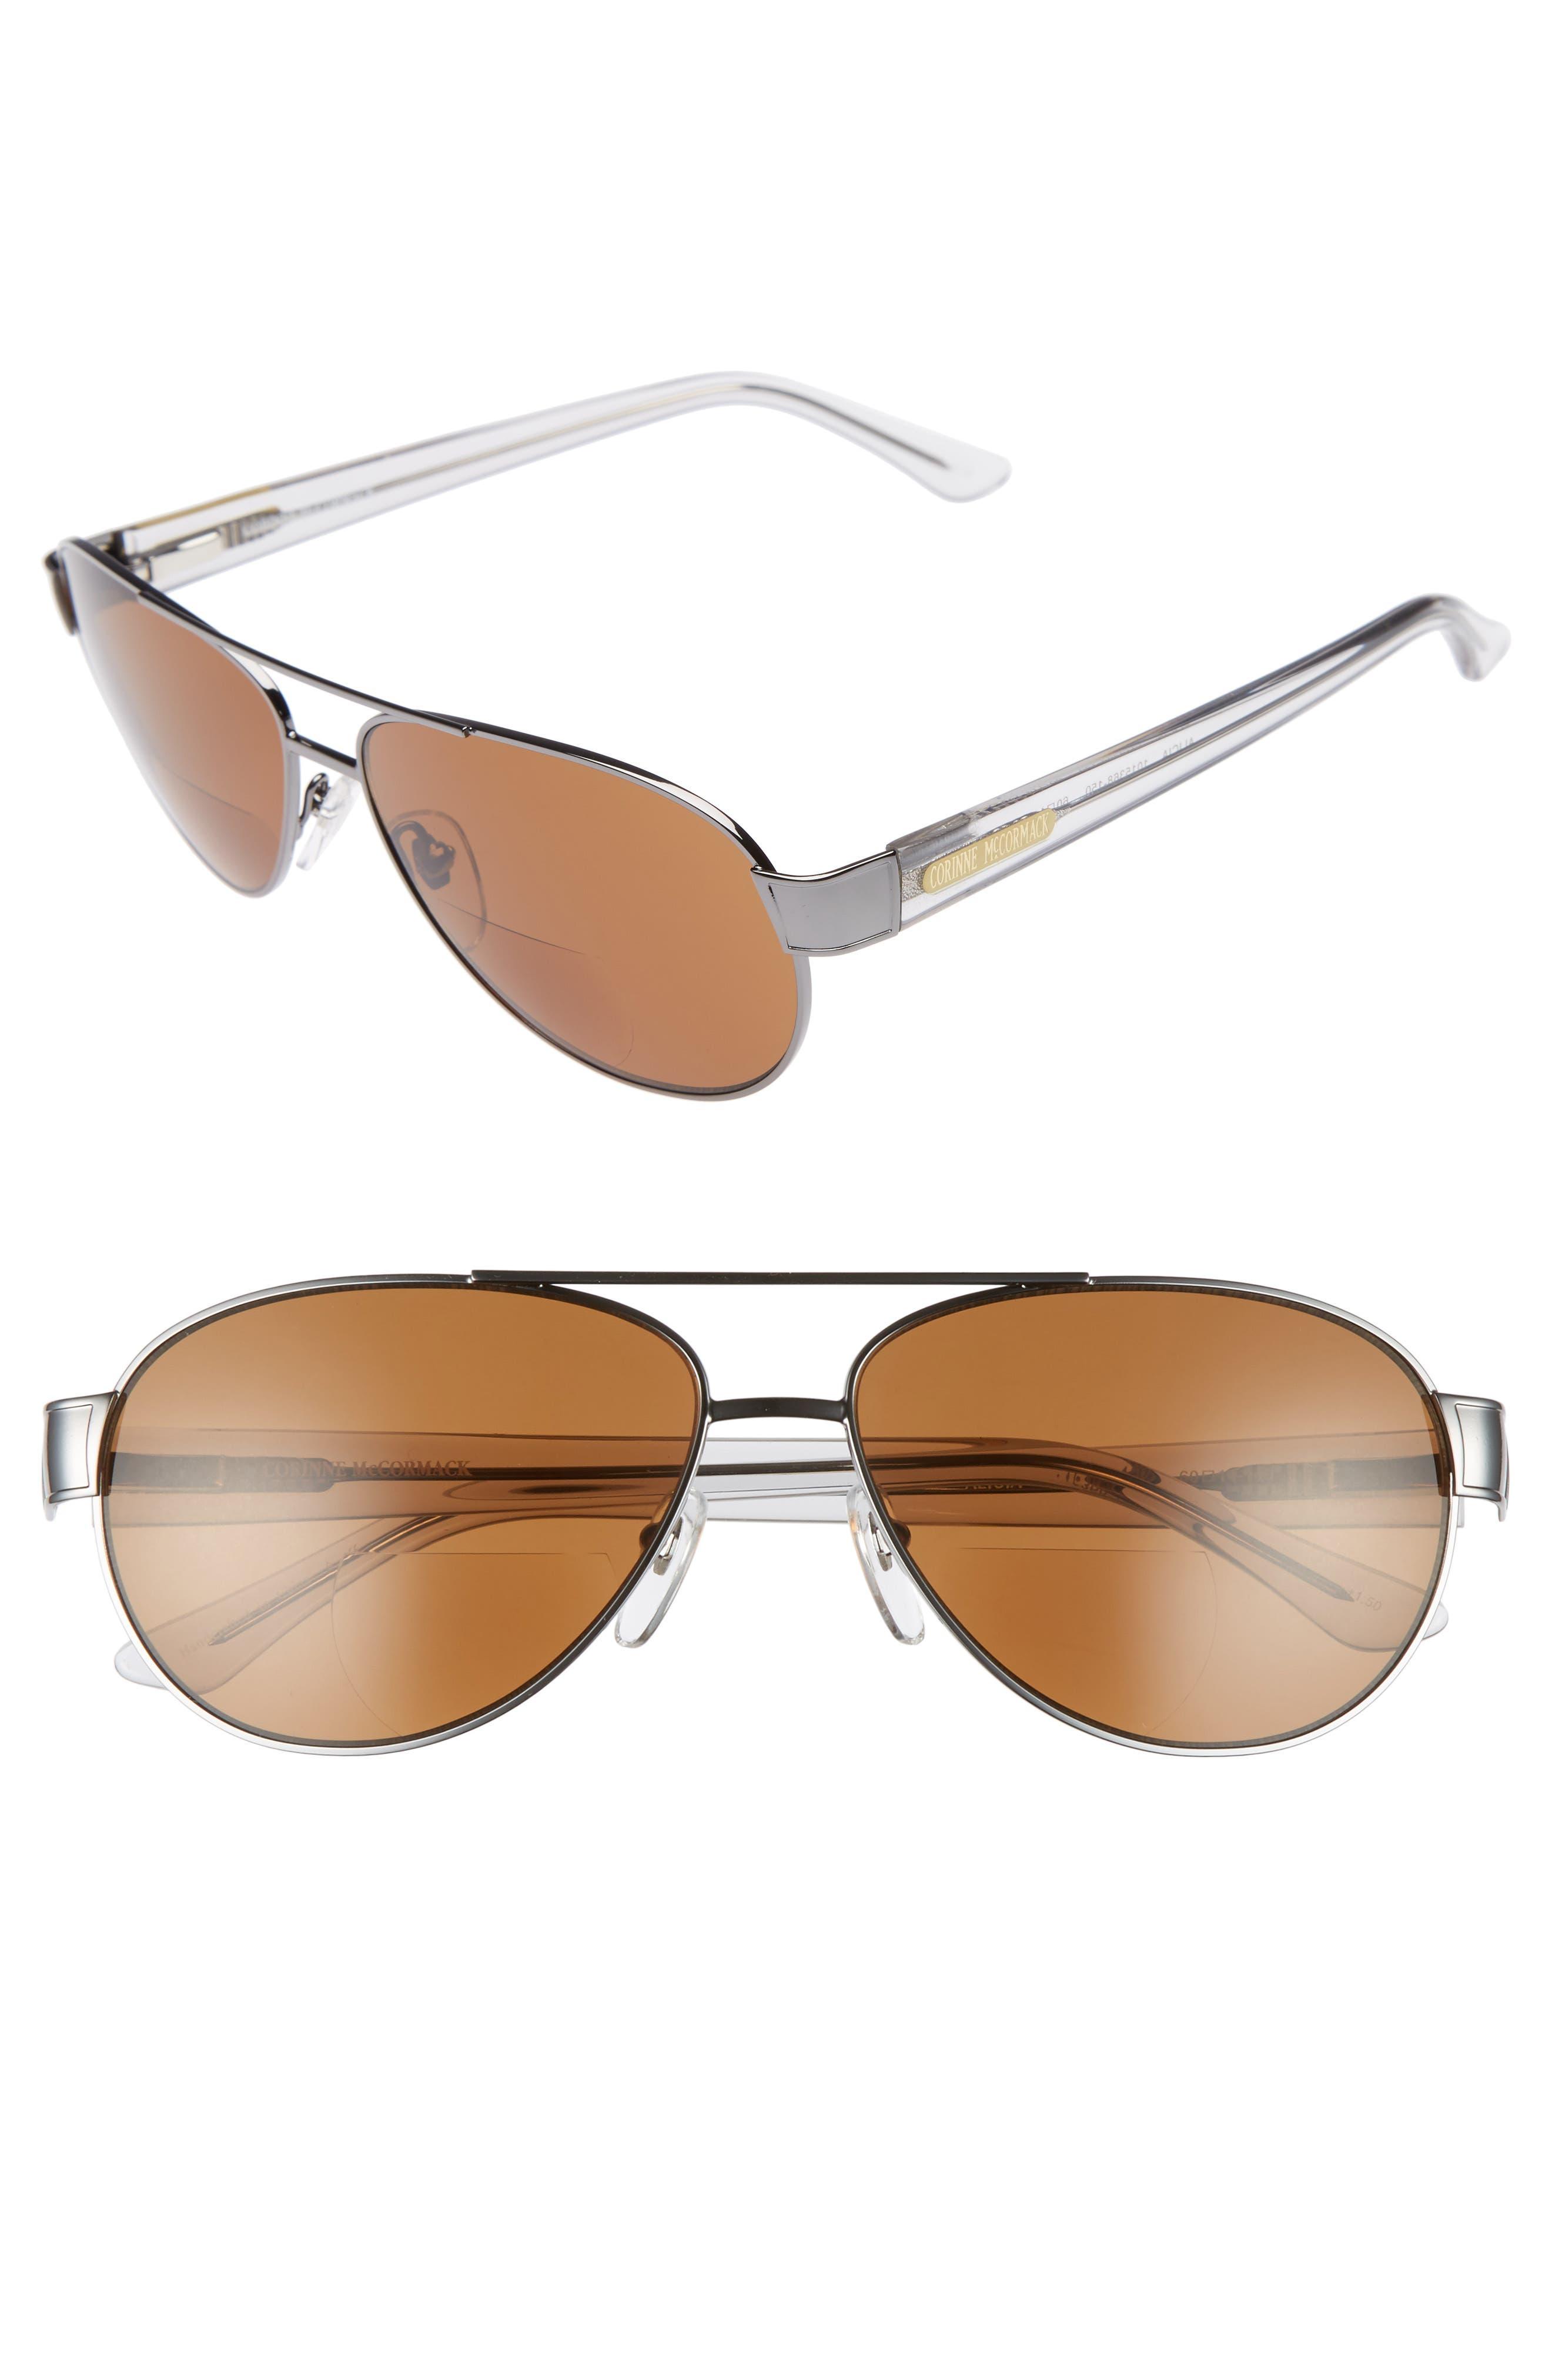 Alicia 60mm Optical Sunglasses,                         Main,                         color, 020